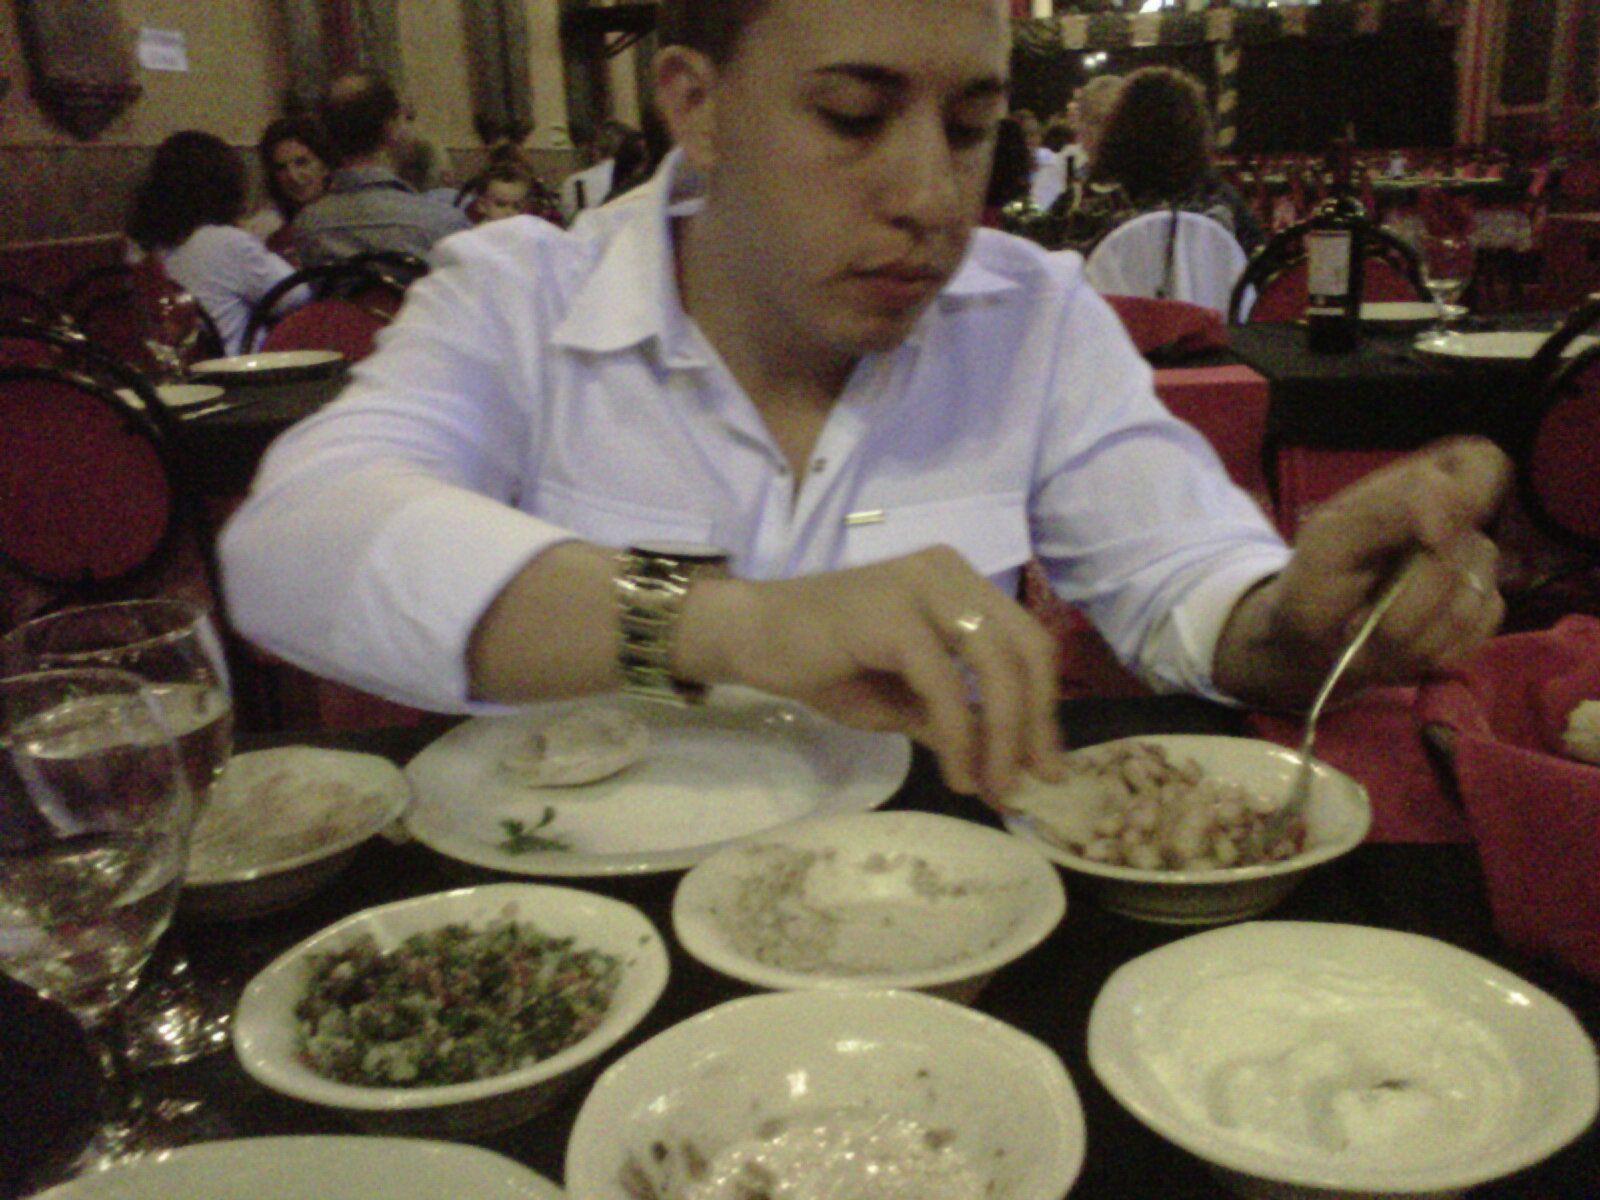 Fairuz, comida arabe